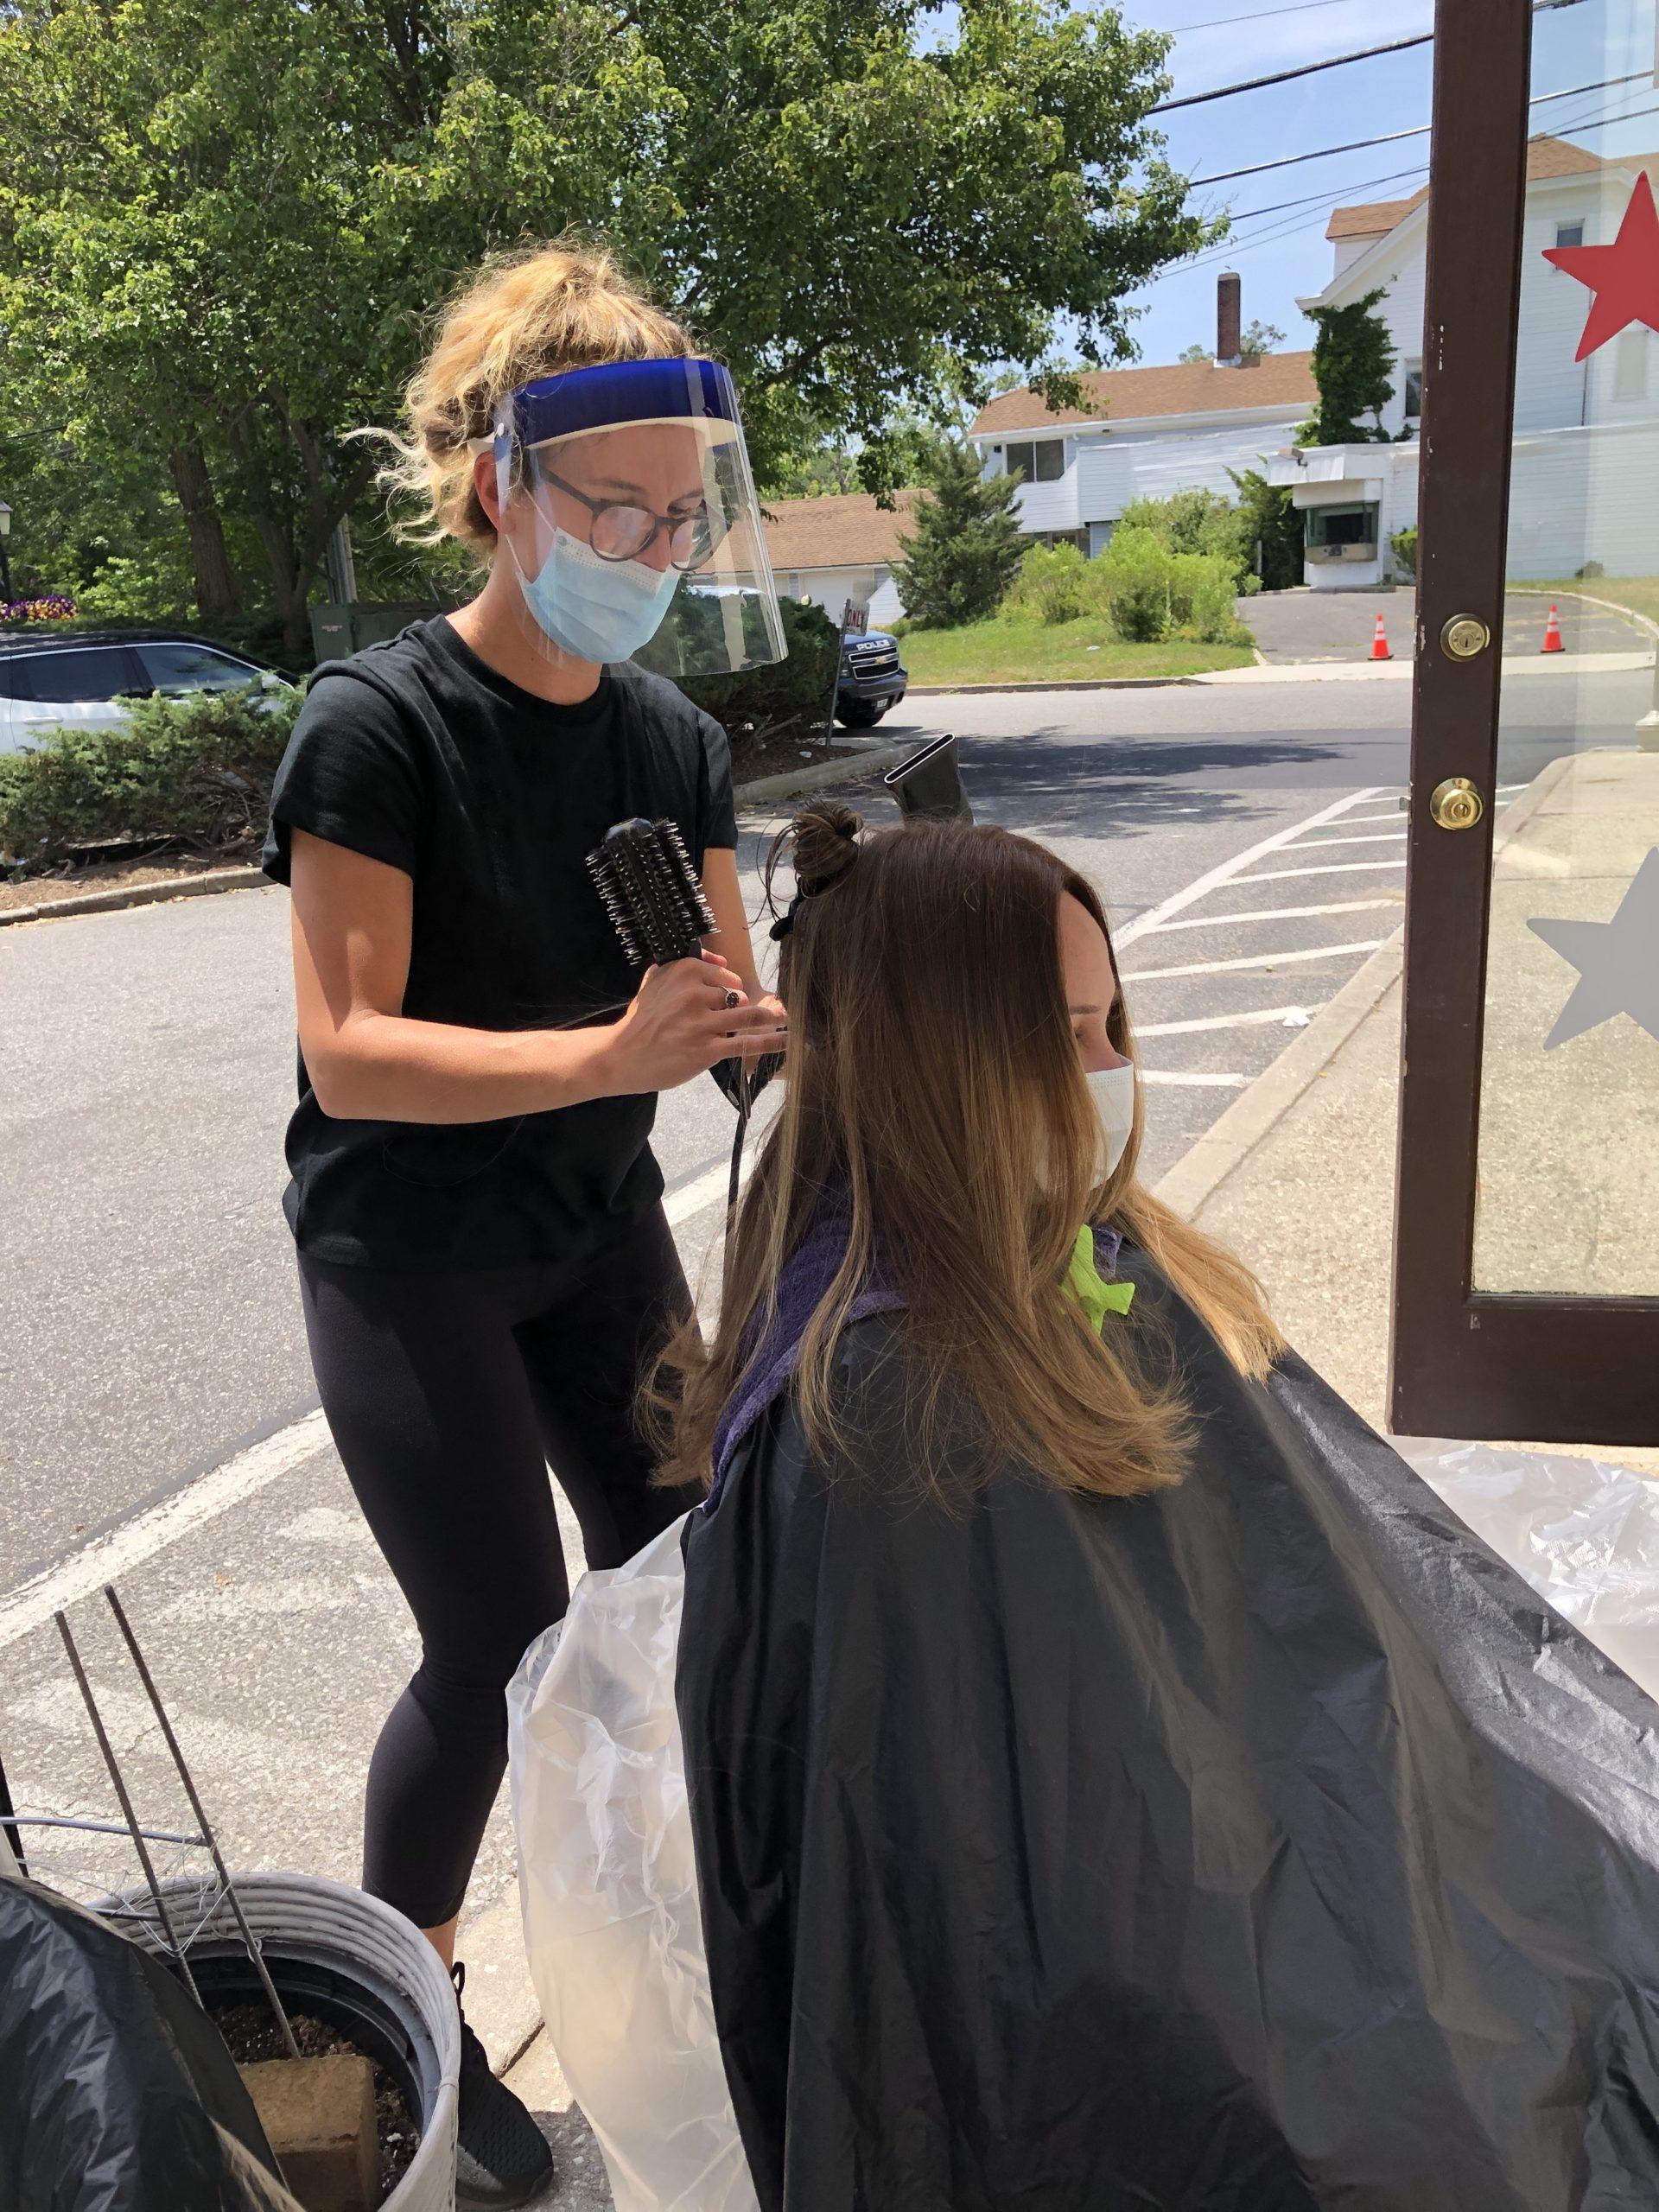 Stylist Katlyn Farrington gets creative at Lillian's Hair Salon in Westhampton Beach.